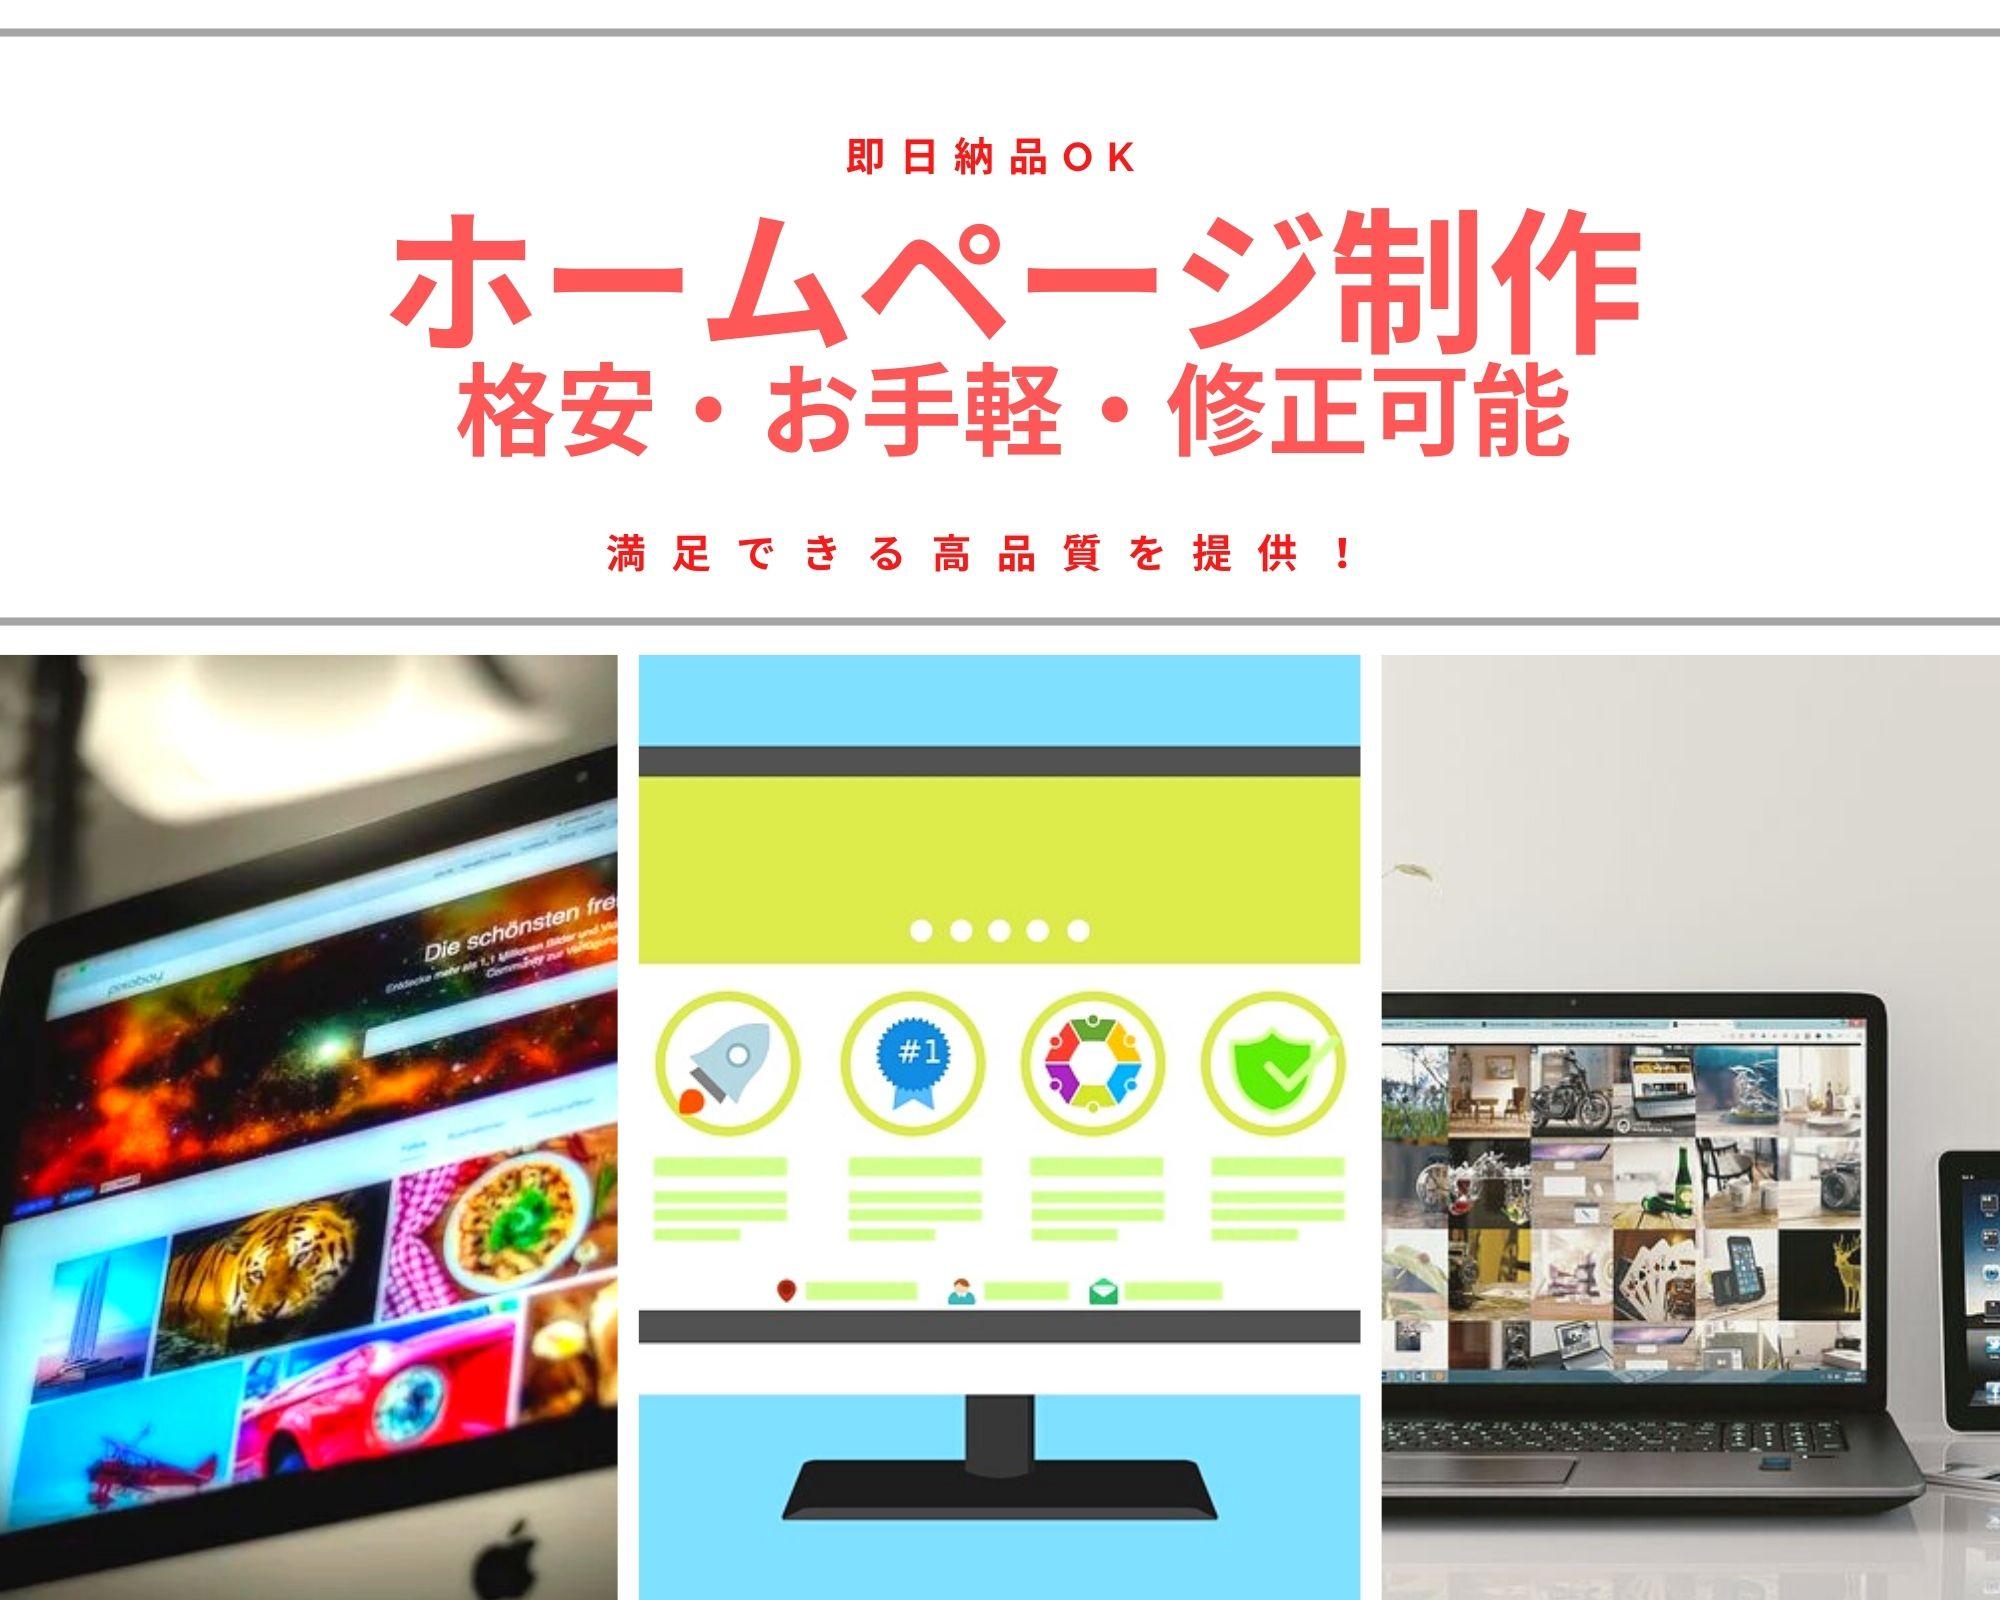 徳島 企業向けHP制作サービス[サンプルサイト有]相場より格安に挑戦!